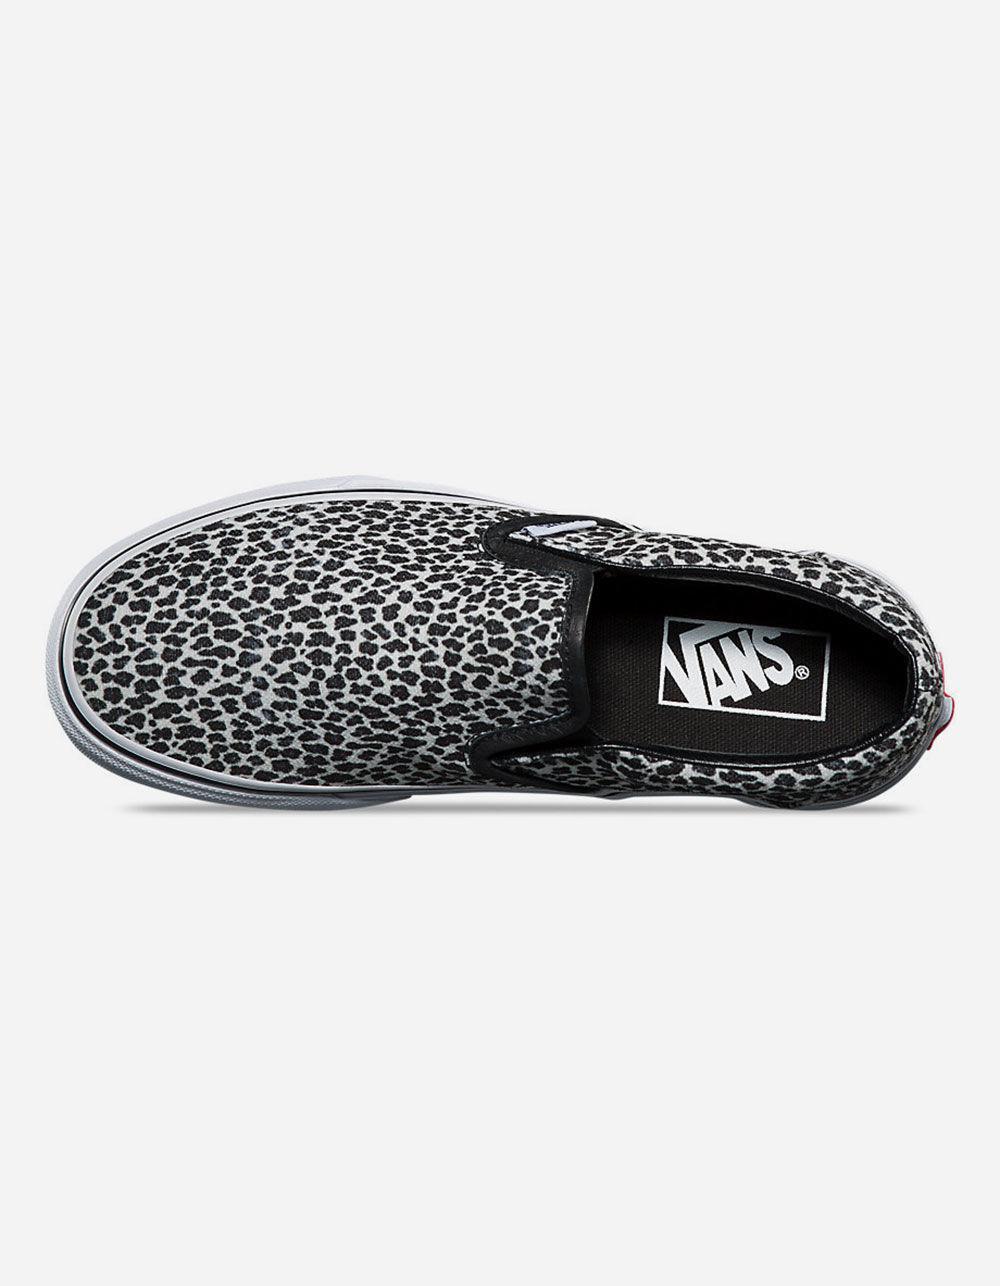 Vans Black Classic Mini Lyst Shoes Leopard On Womens In Slip J3lK1cTF